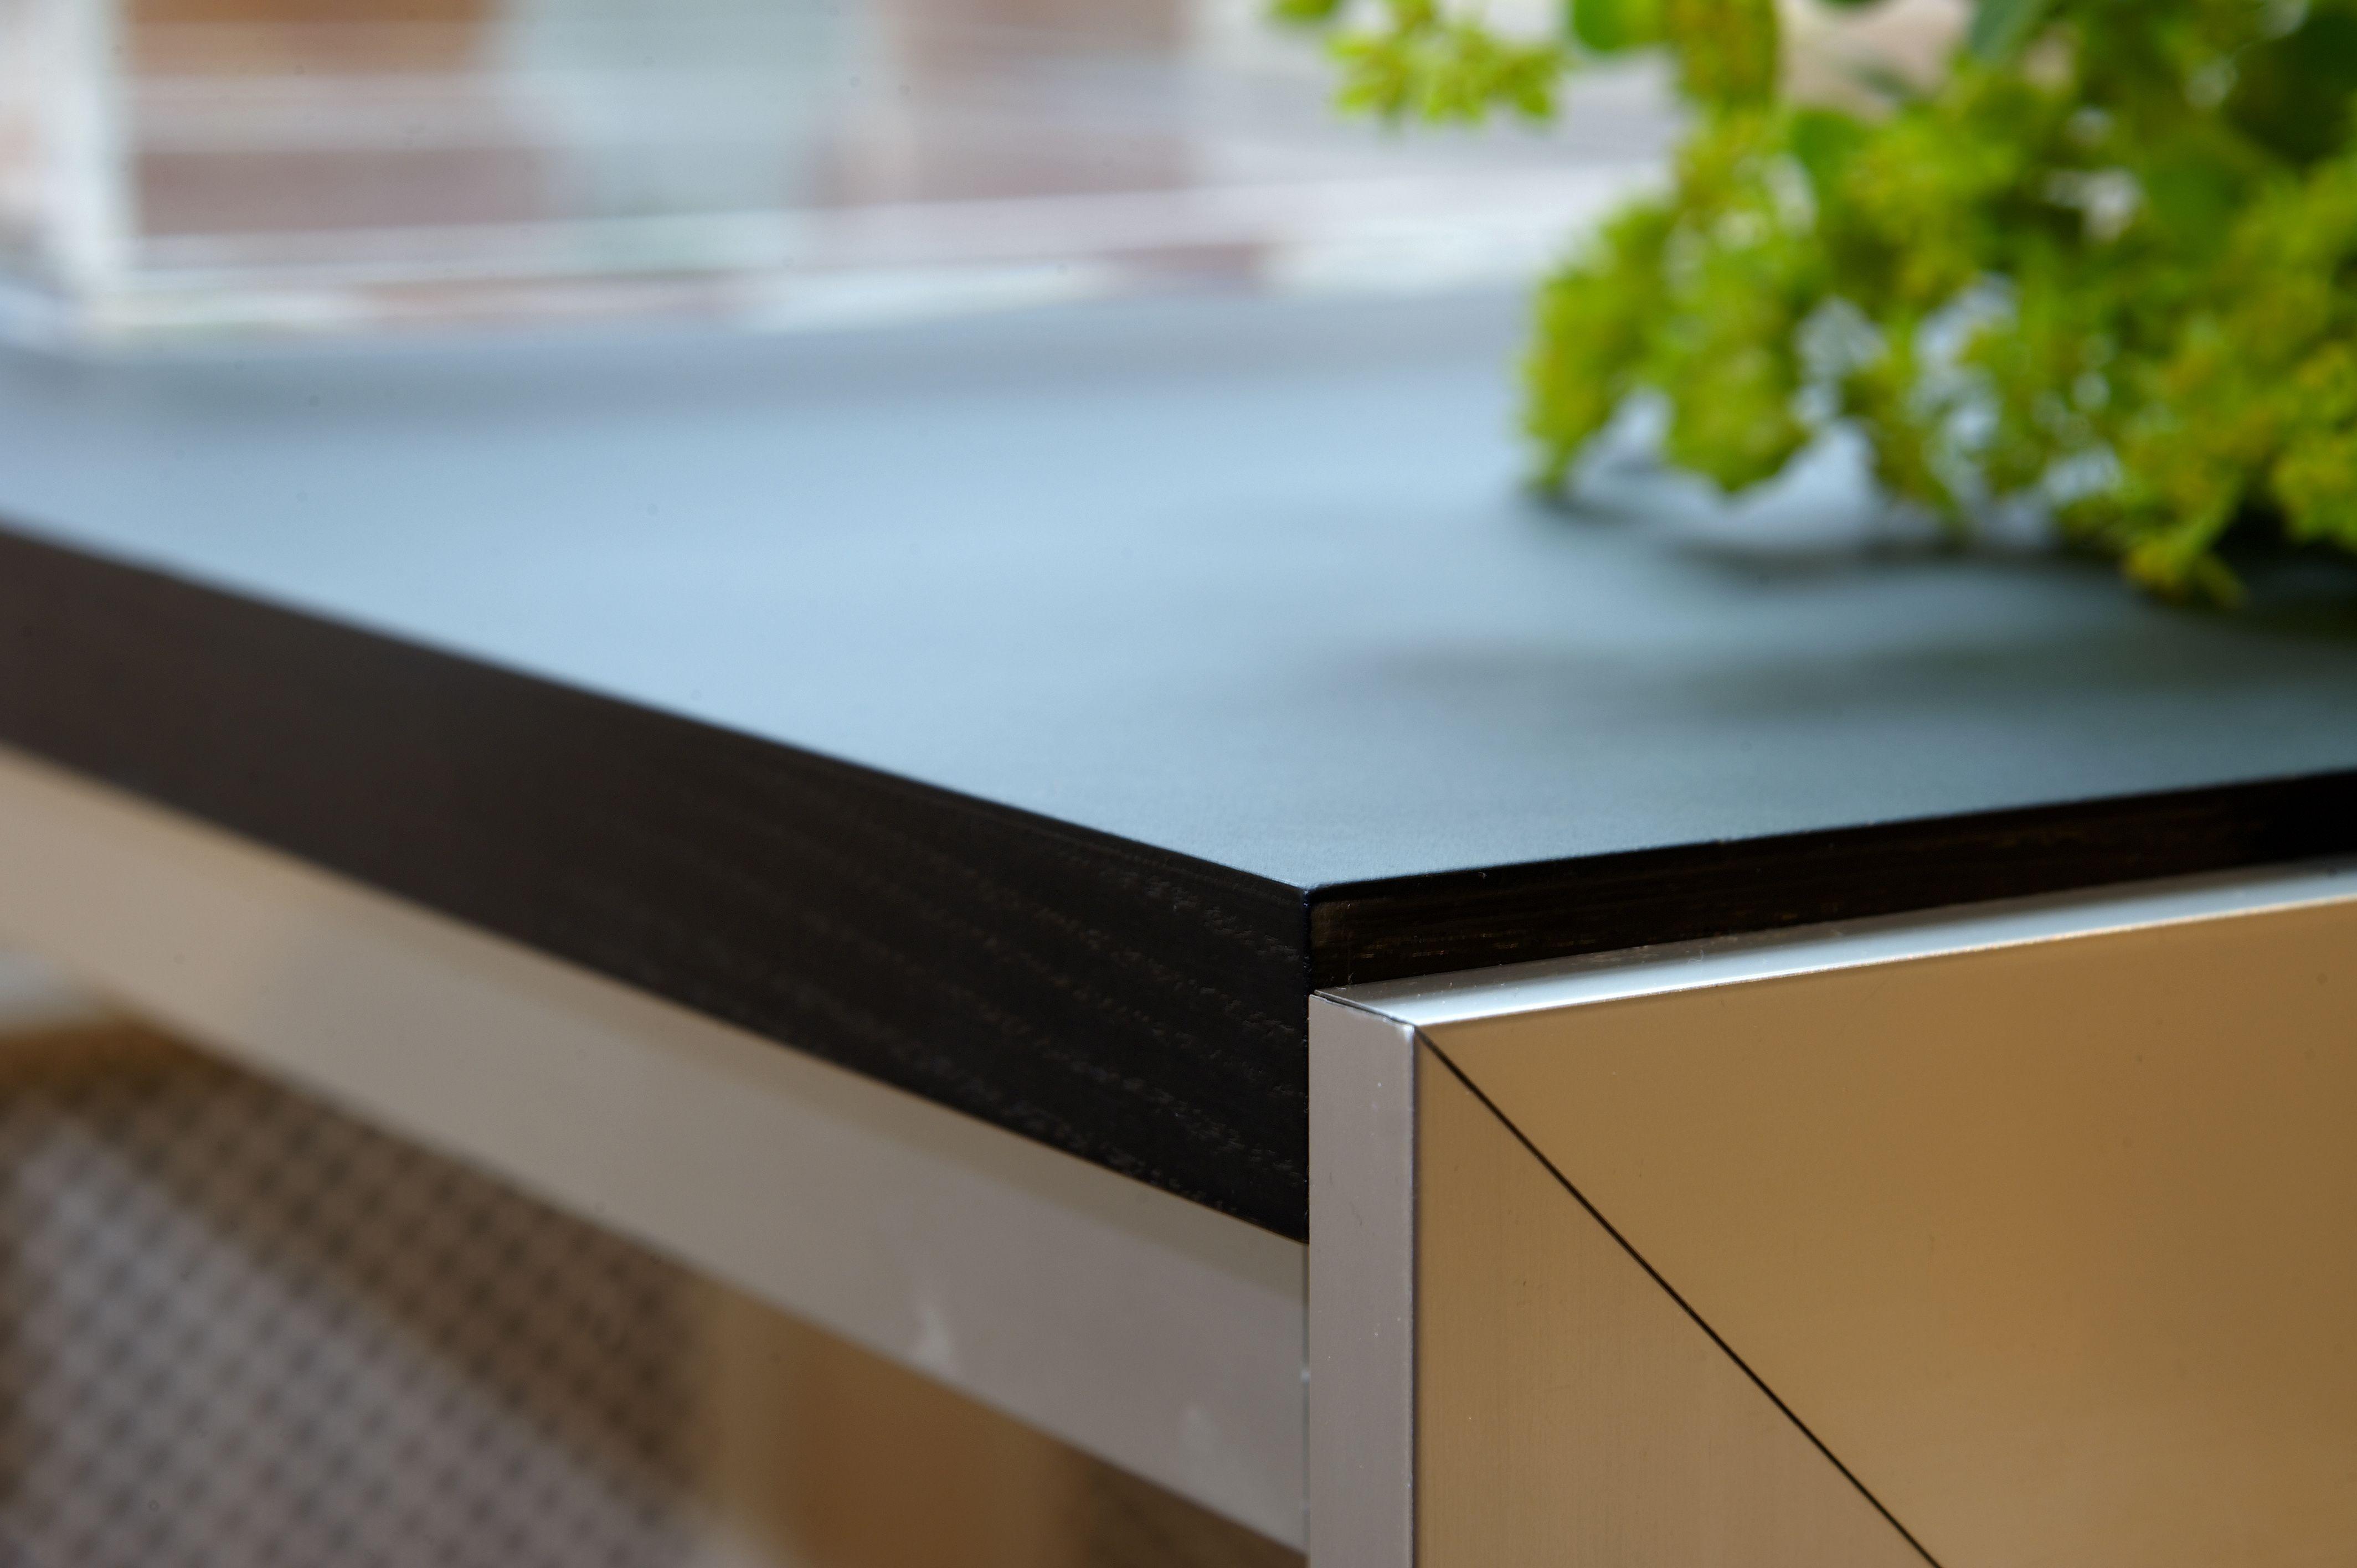 hay boligindretning bord desktop furniture linoleum forbo interior design forbo. Black Bedroom Furniture Sets. Home Design Ideas